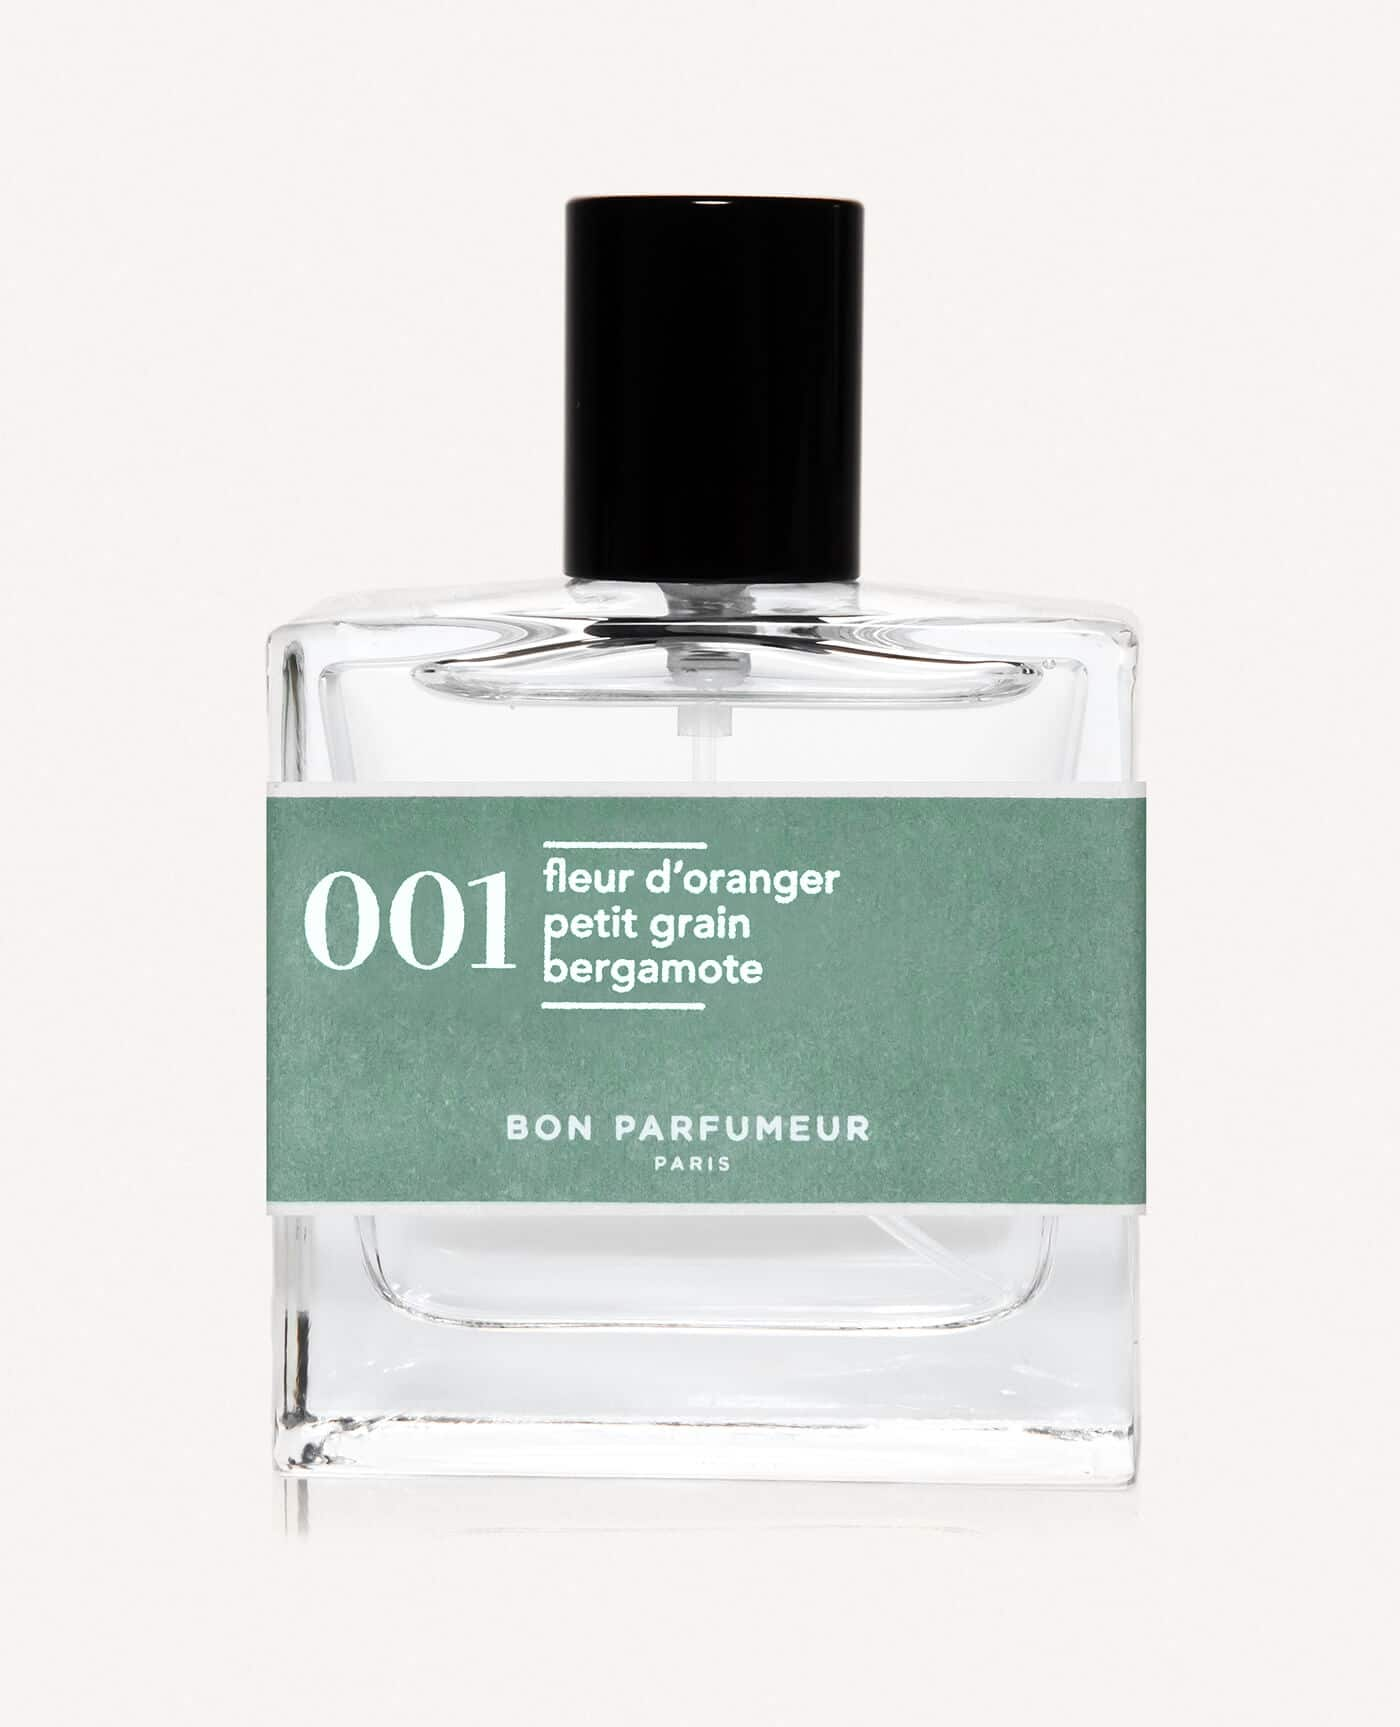 Eau de parfum made in france naturelle de la marque Bon Parfumeur 001 fleur d'oranger petit grain bergamote